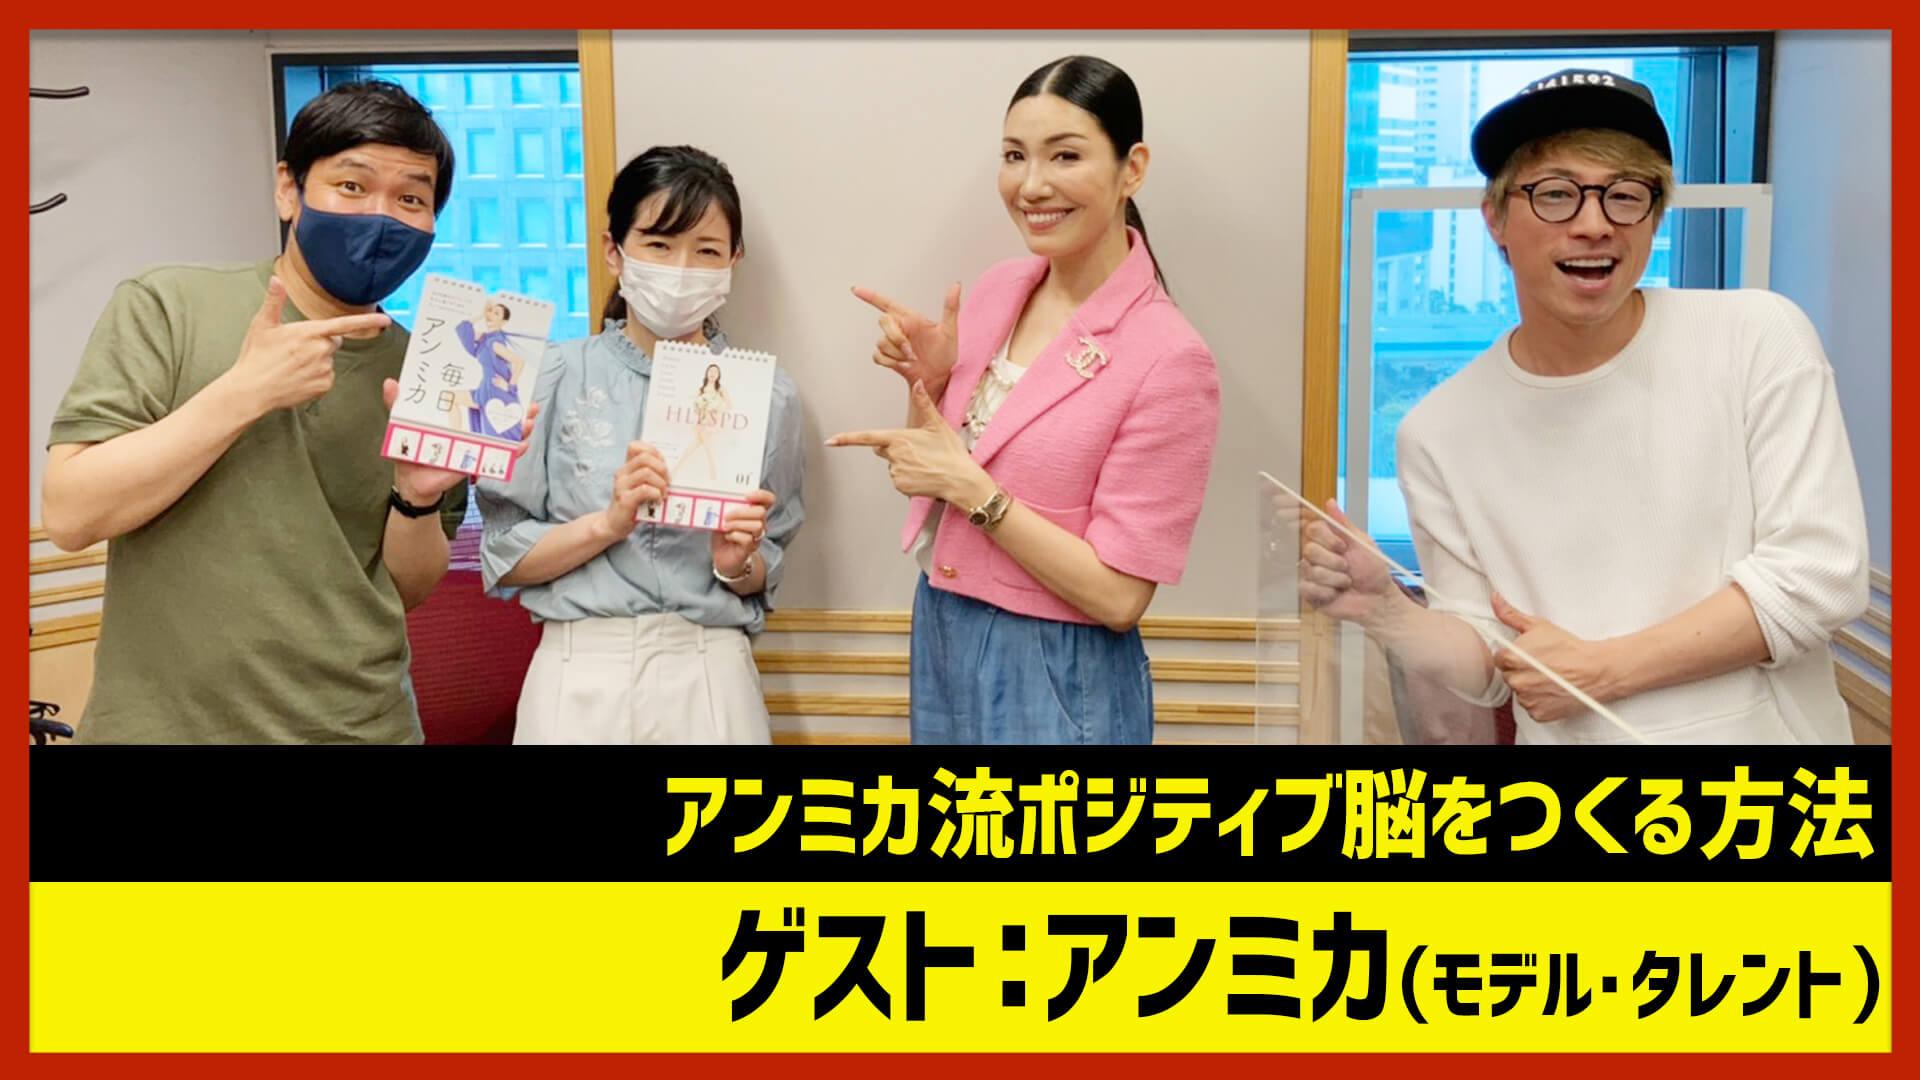 【田村淳のNewsCLUB】ゲスト: アンミカさん(2021年6月19日後半)